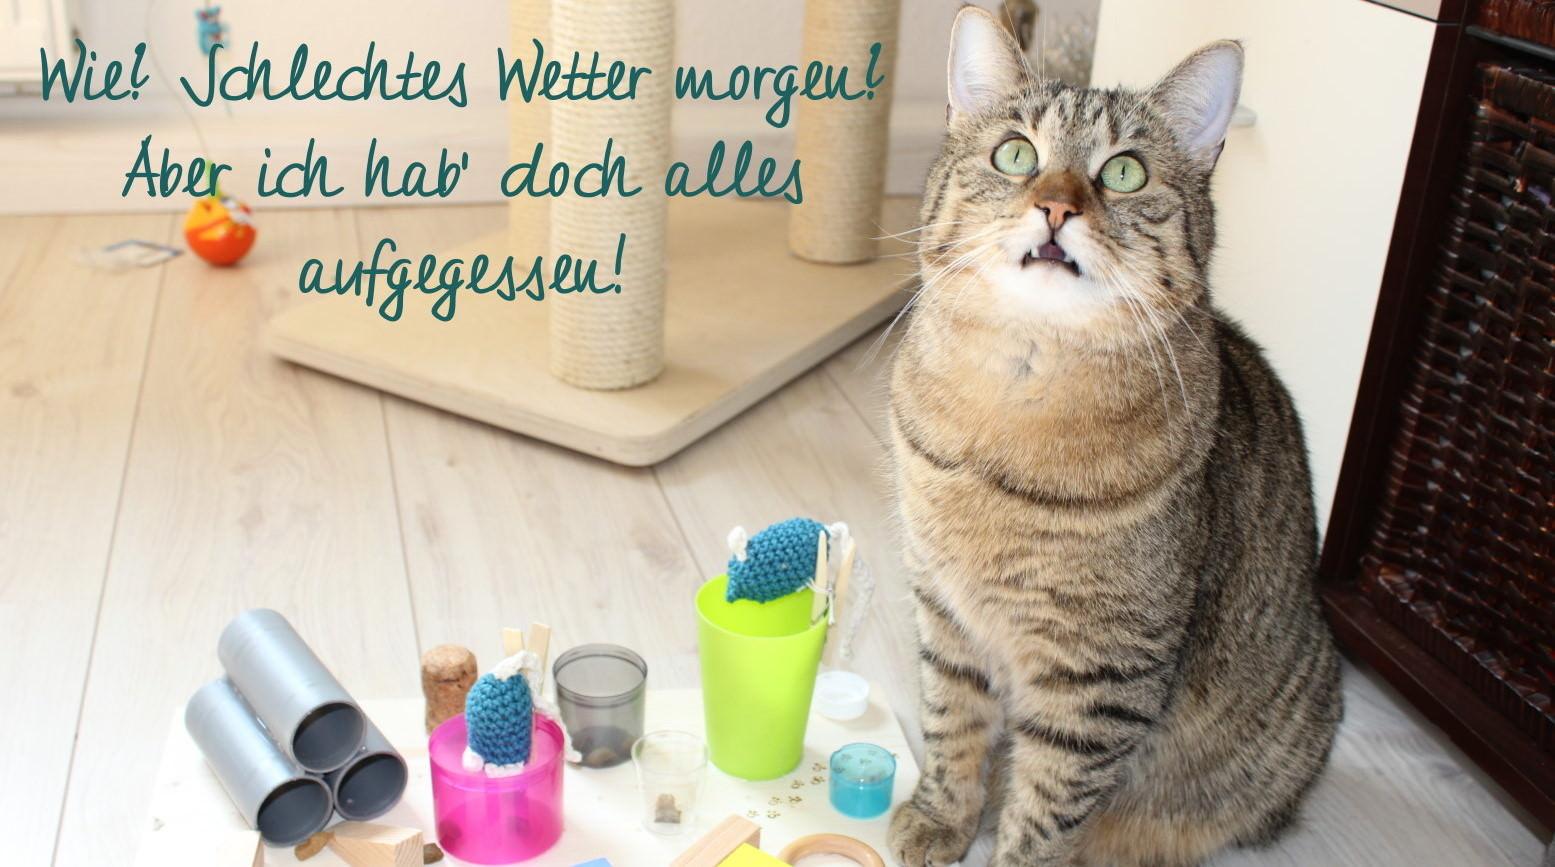 Jasper: Der Katzennetzwerkshopfummelbrett-Deal